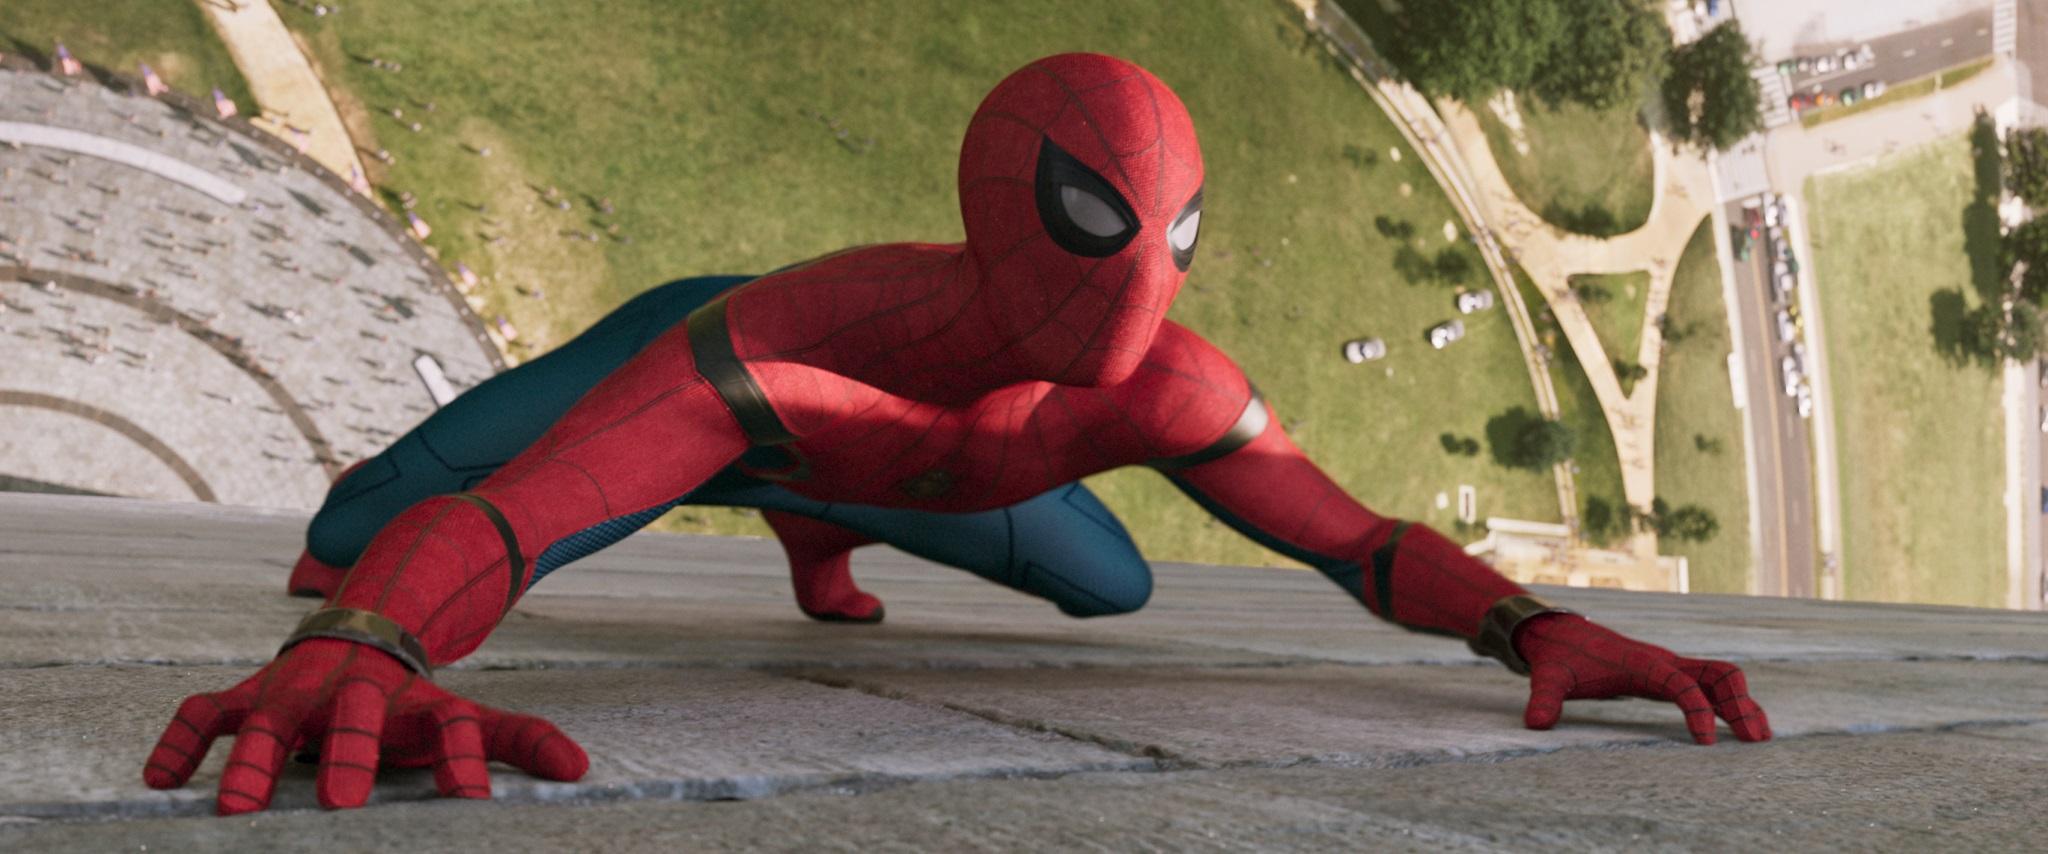 Человек-паук: Возвращение домой, кадр № 21